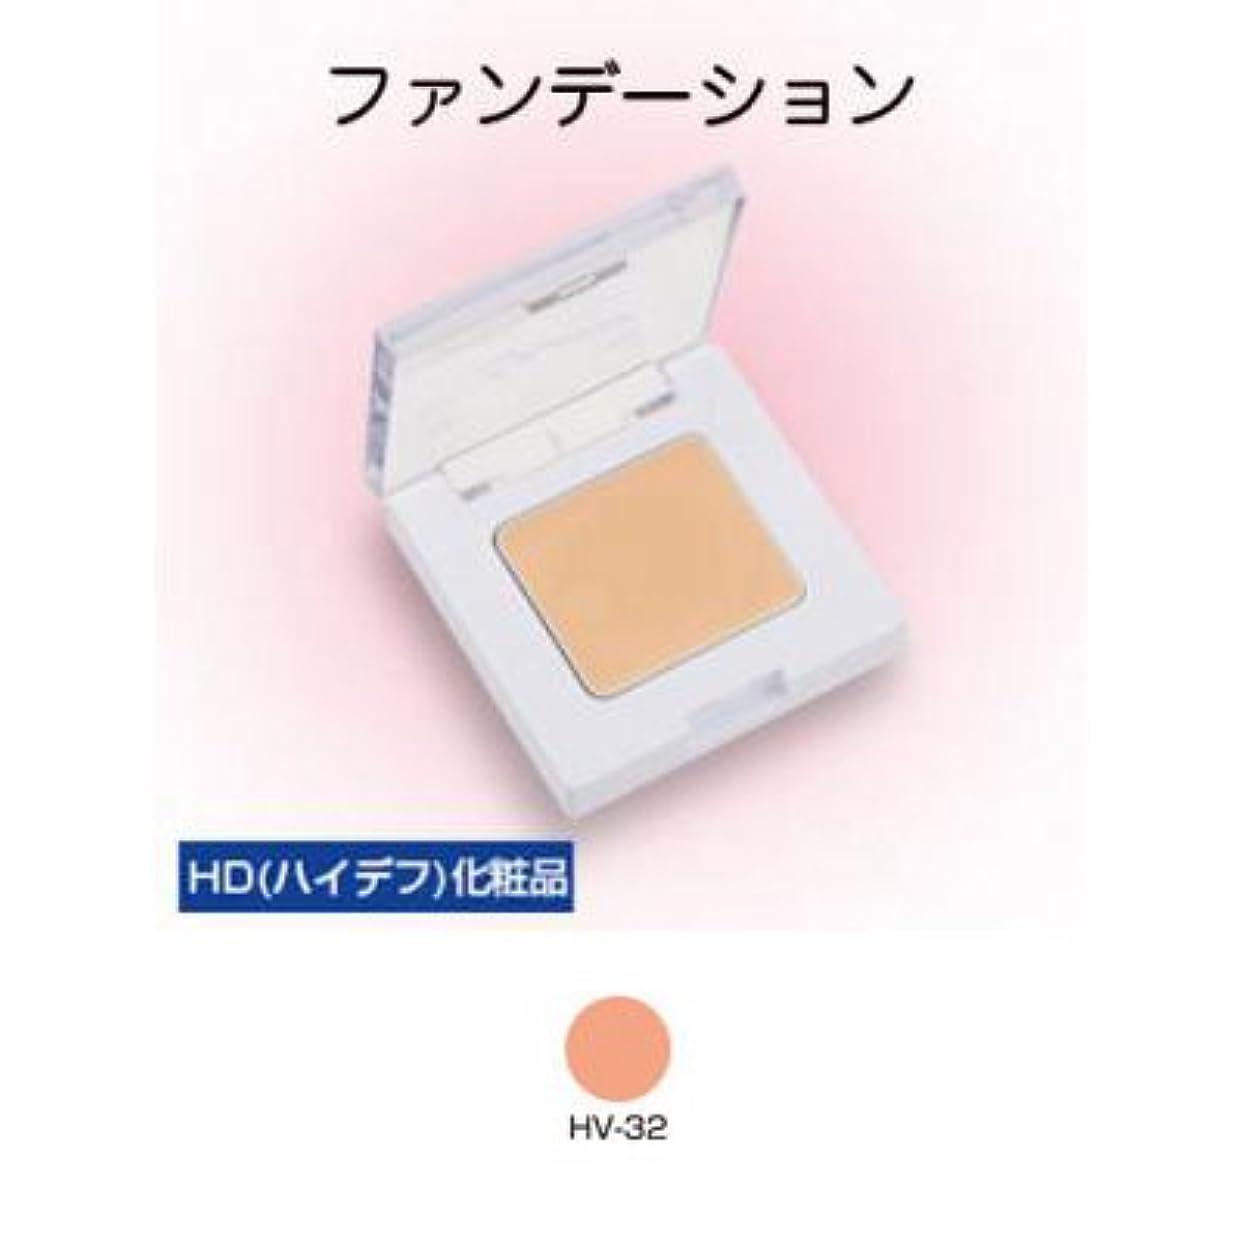 活性化する請願者ケーキシャレナ カバーファンデーション ミニ HV-32 【三善】